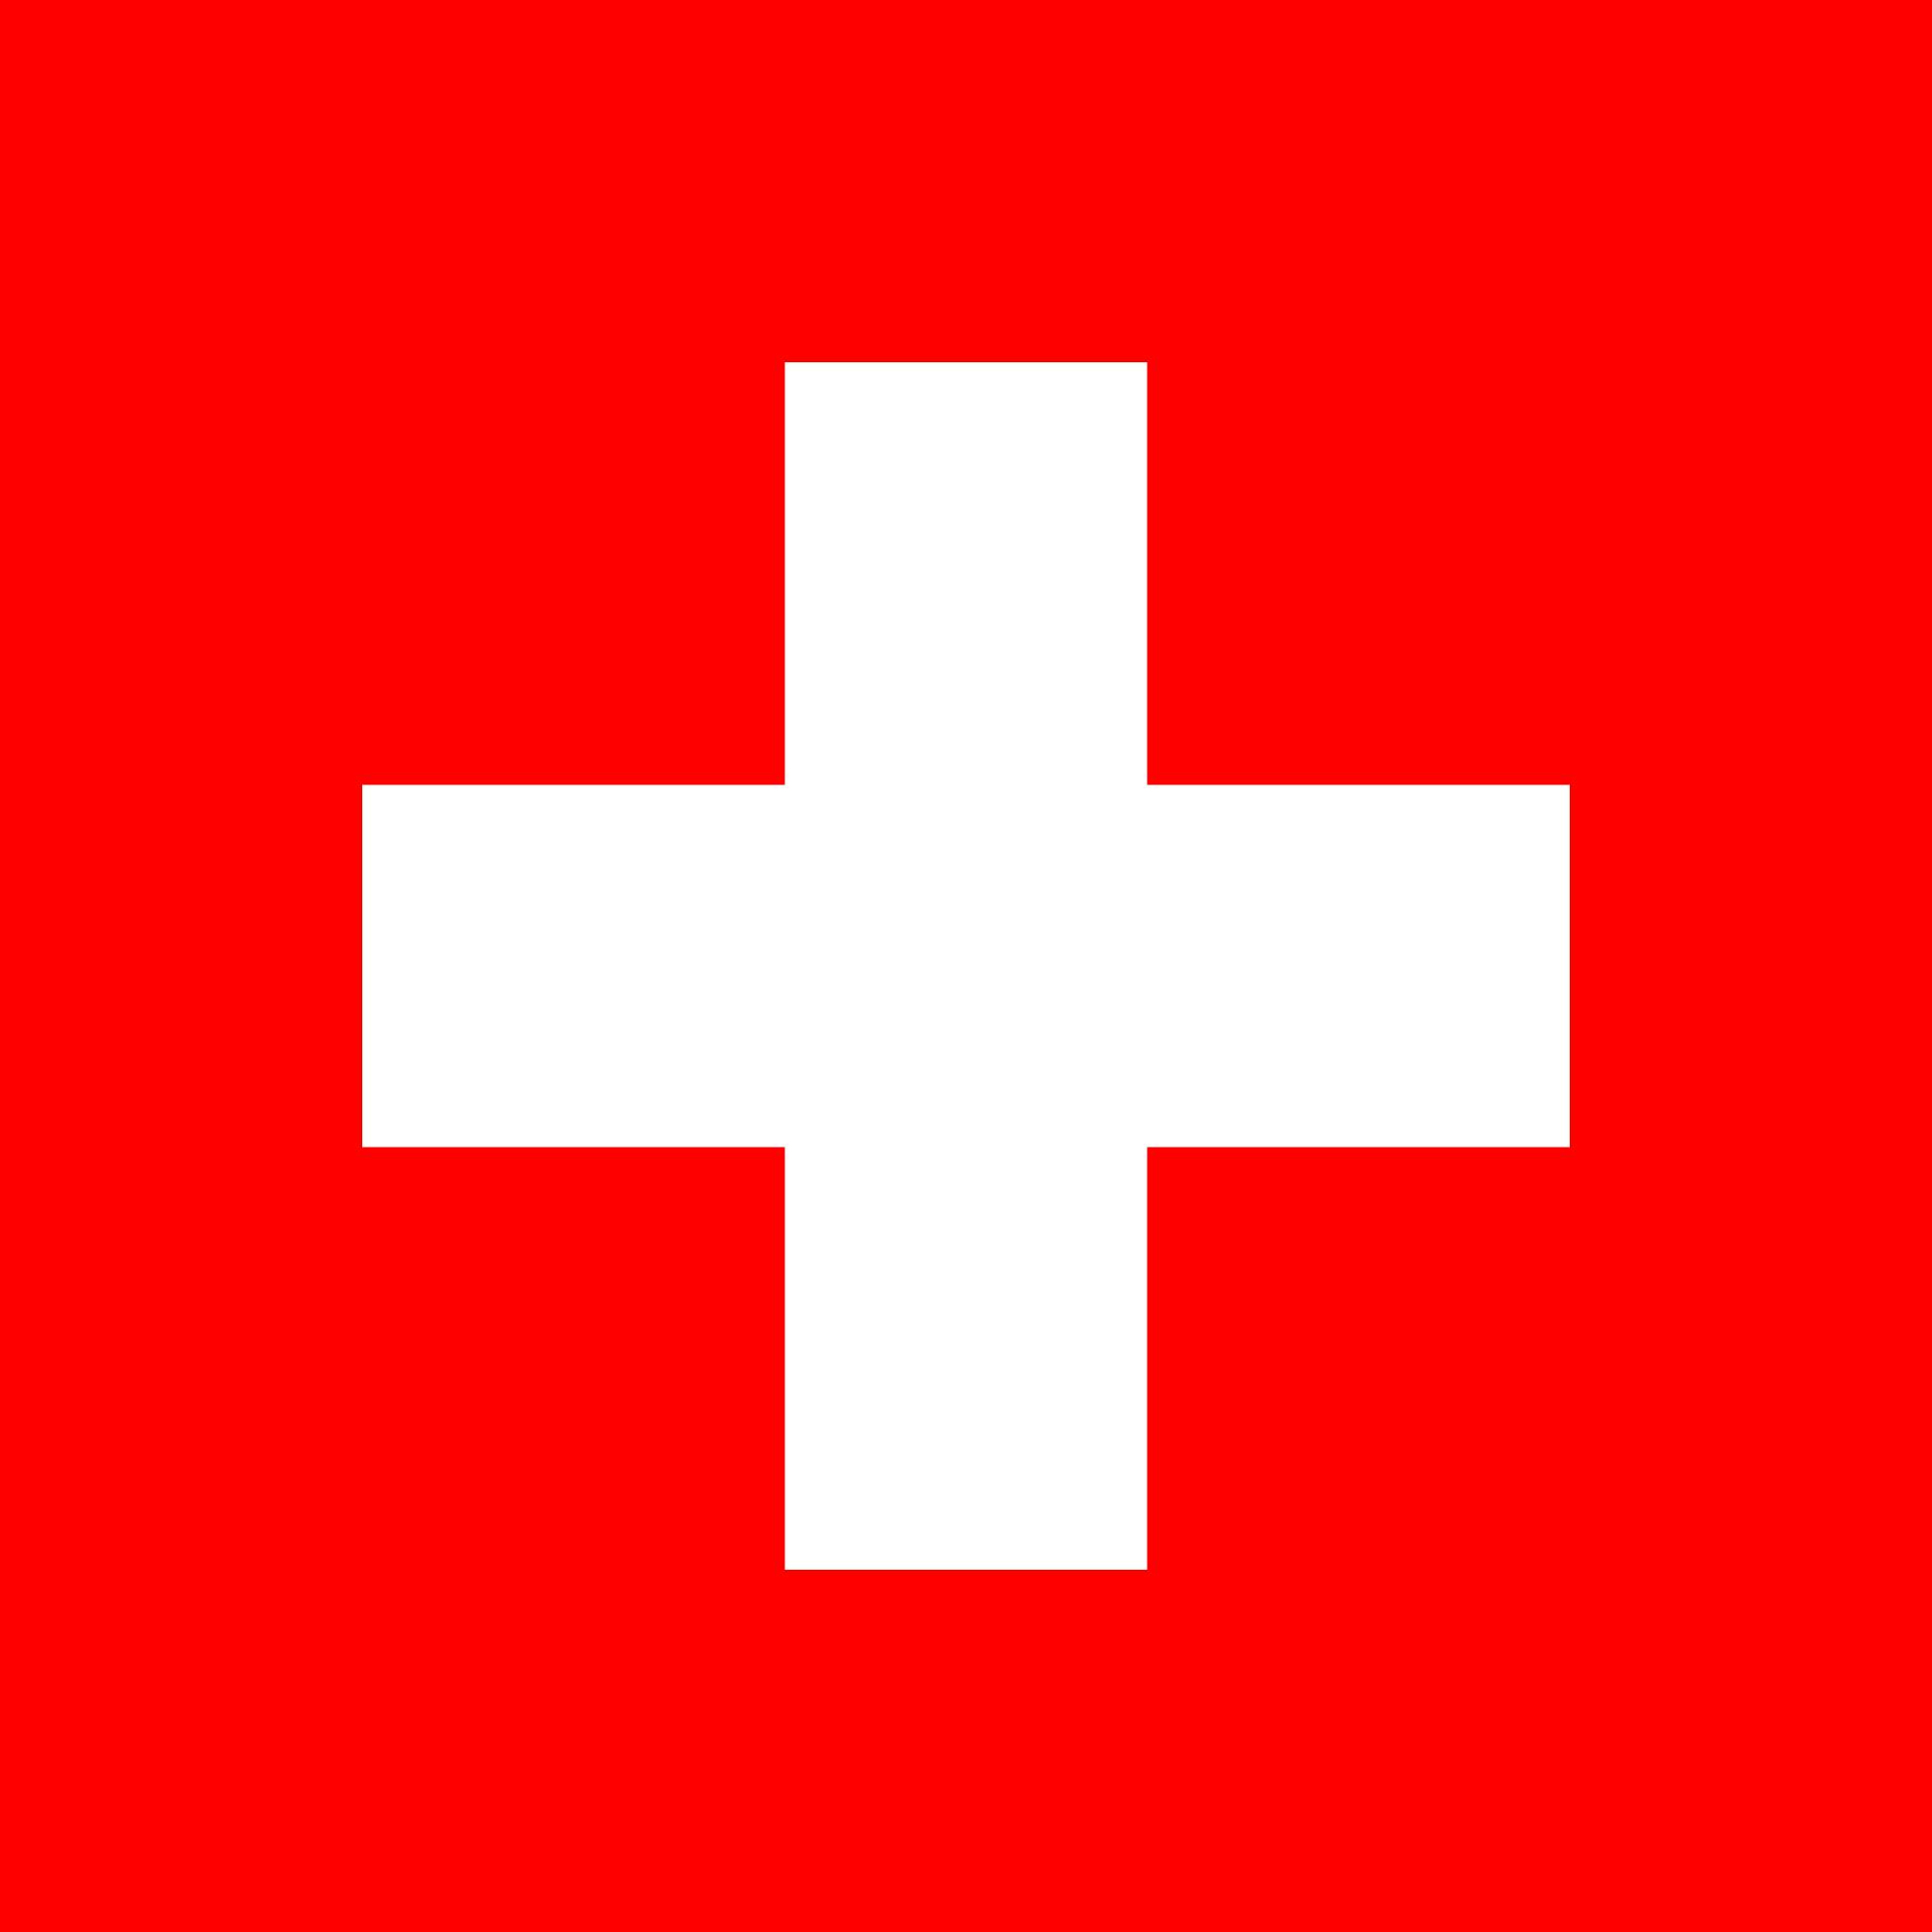 Starker Anstieg der Schweizer Goldexporte im Mai 2016